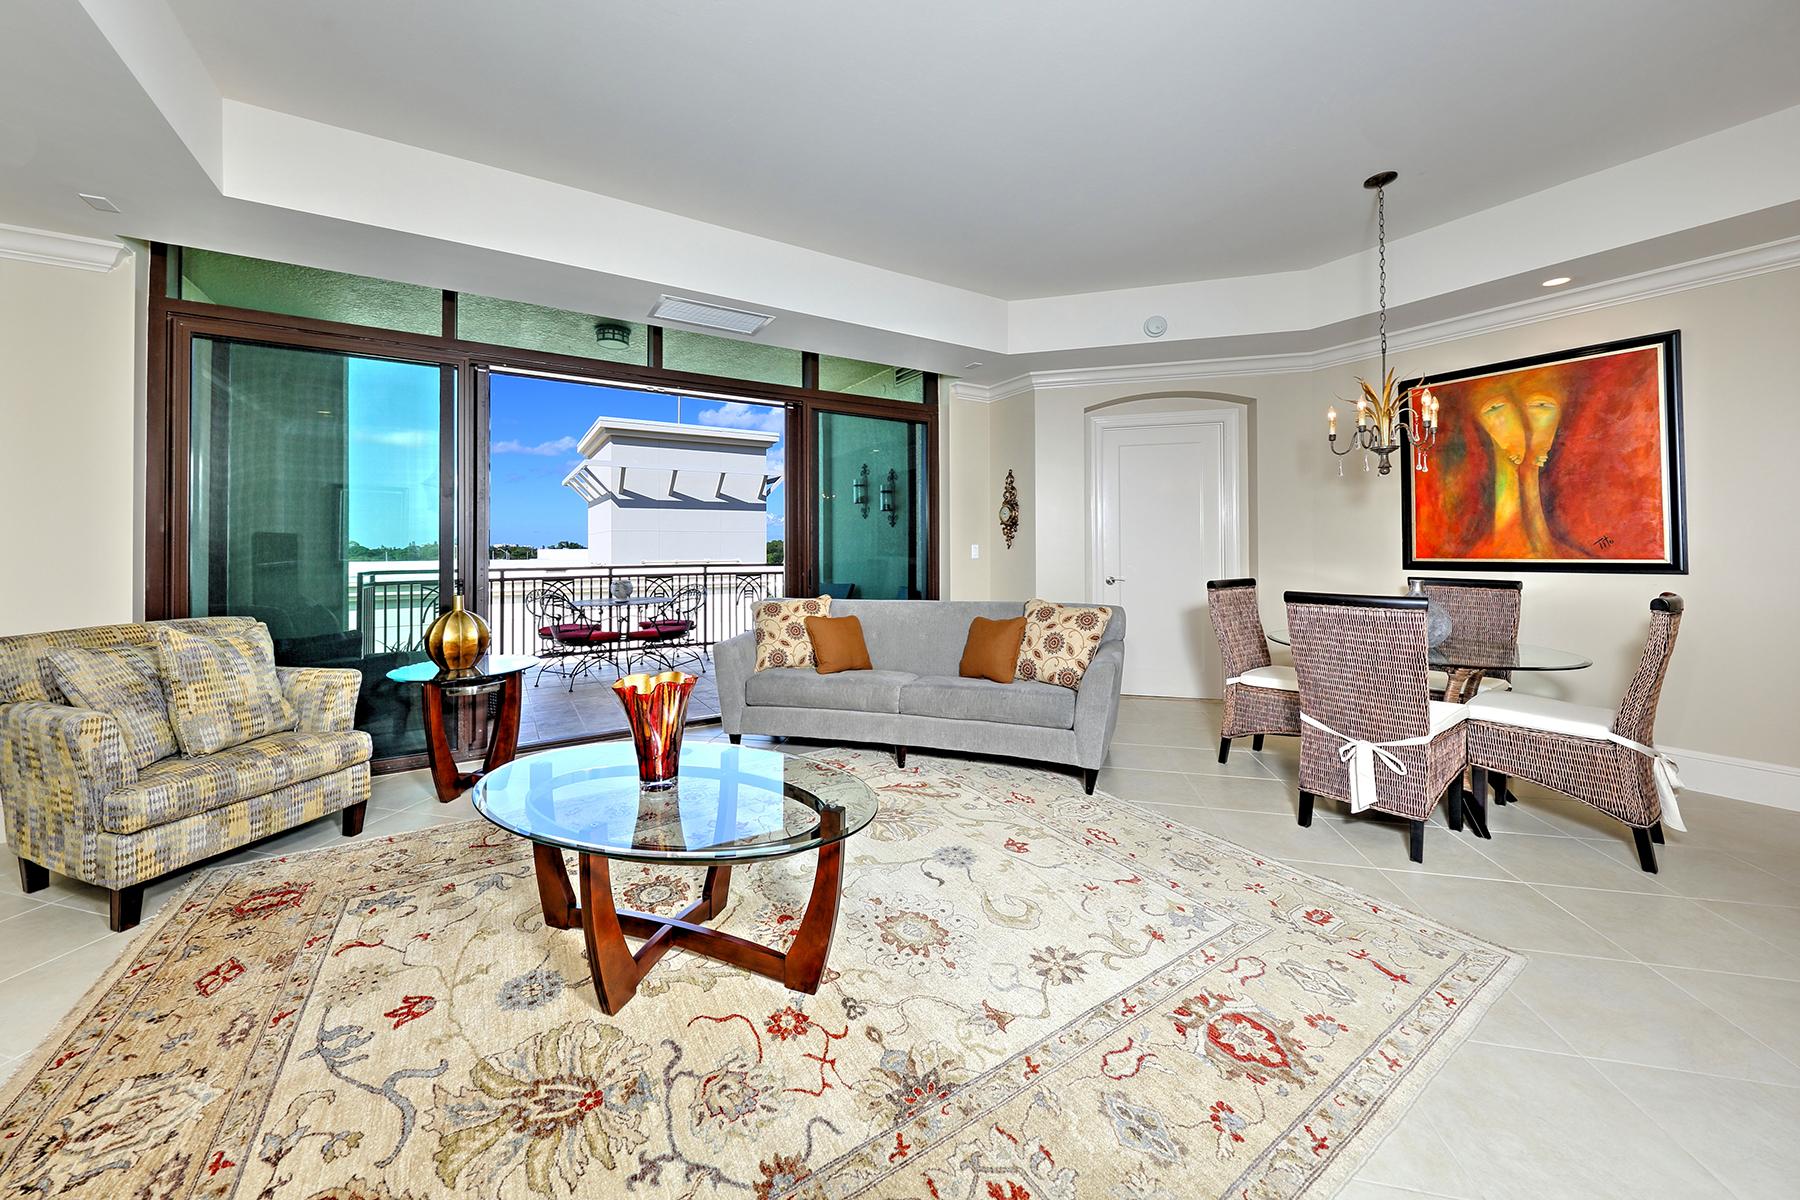 Кооперативная квартира для того Продажа на MERCATO - THE STRADA 9115 Strada Pl 5417 Naples, Флорида, 34108 Соединенные Штаты